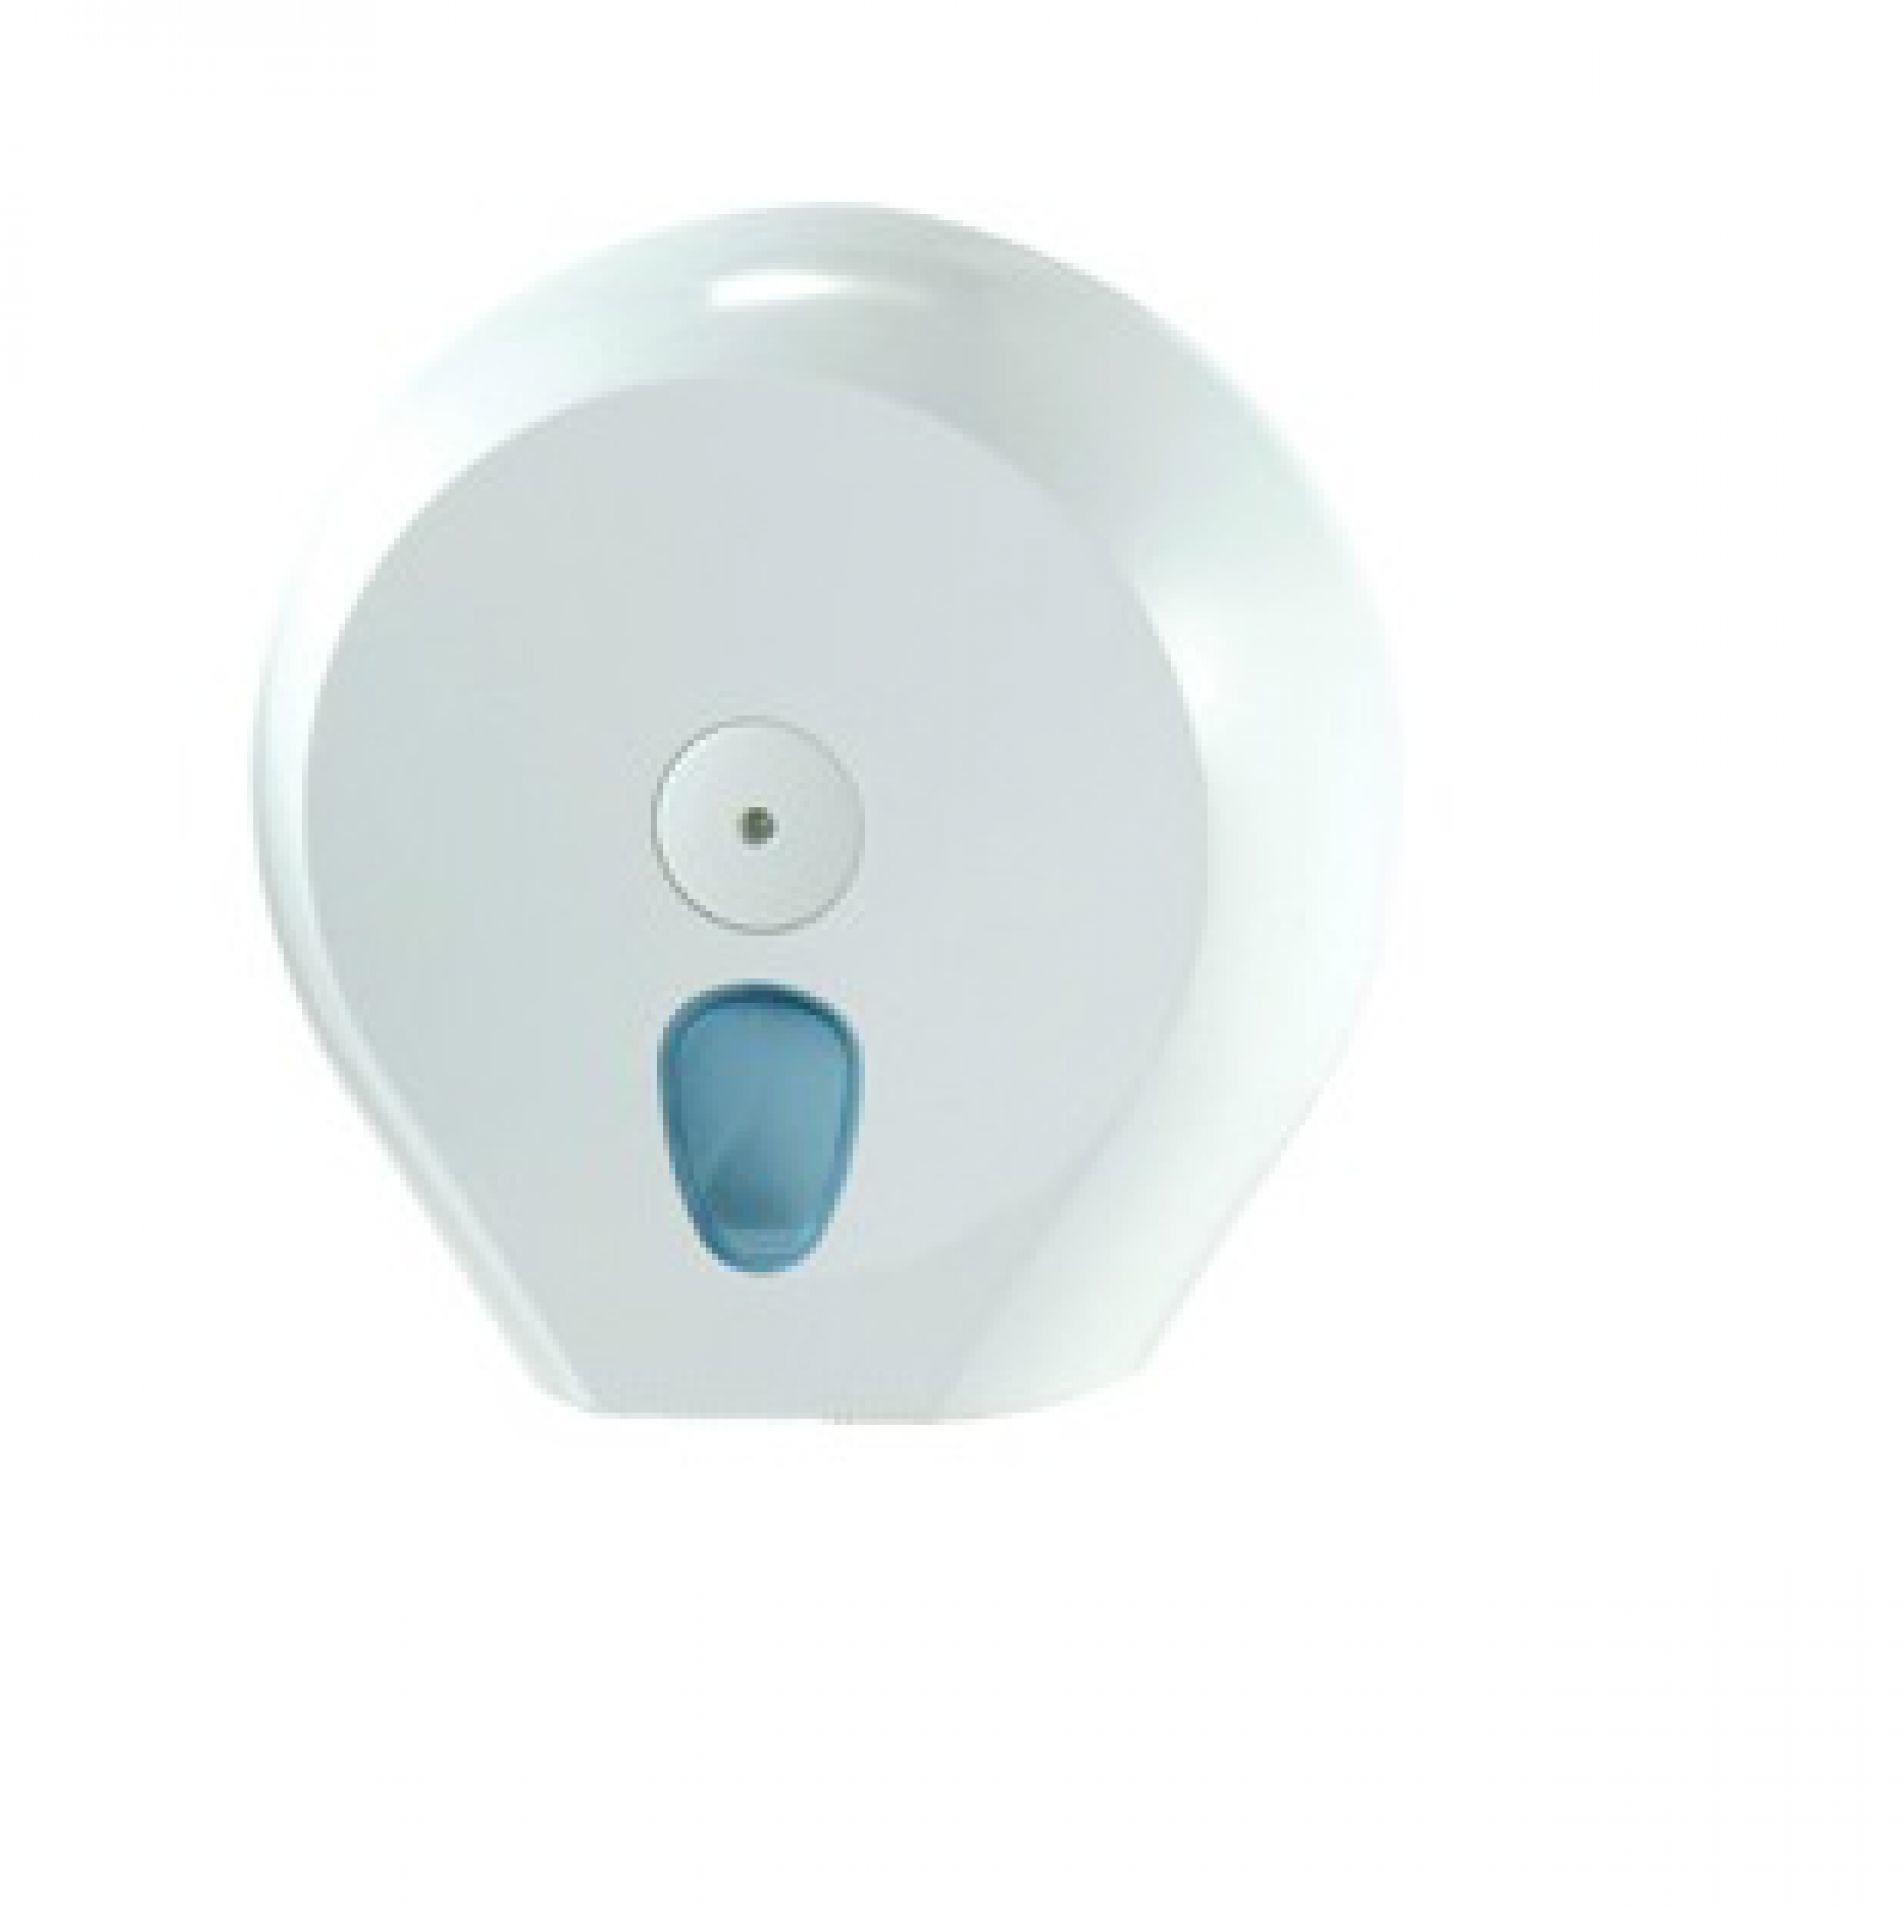 Dozownik T Box Prestige - Do papieru toaletowego